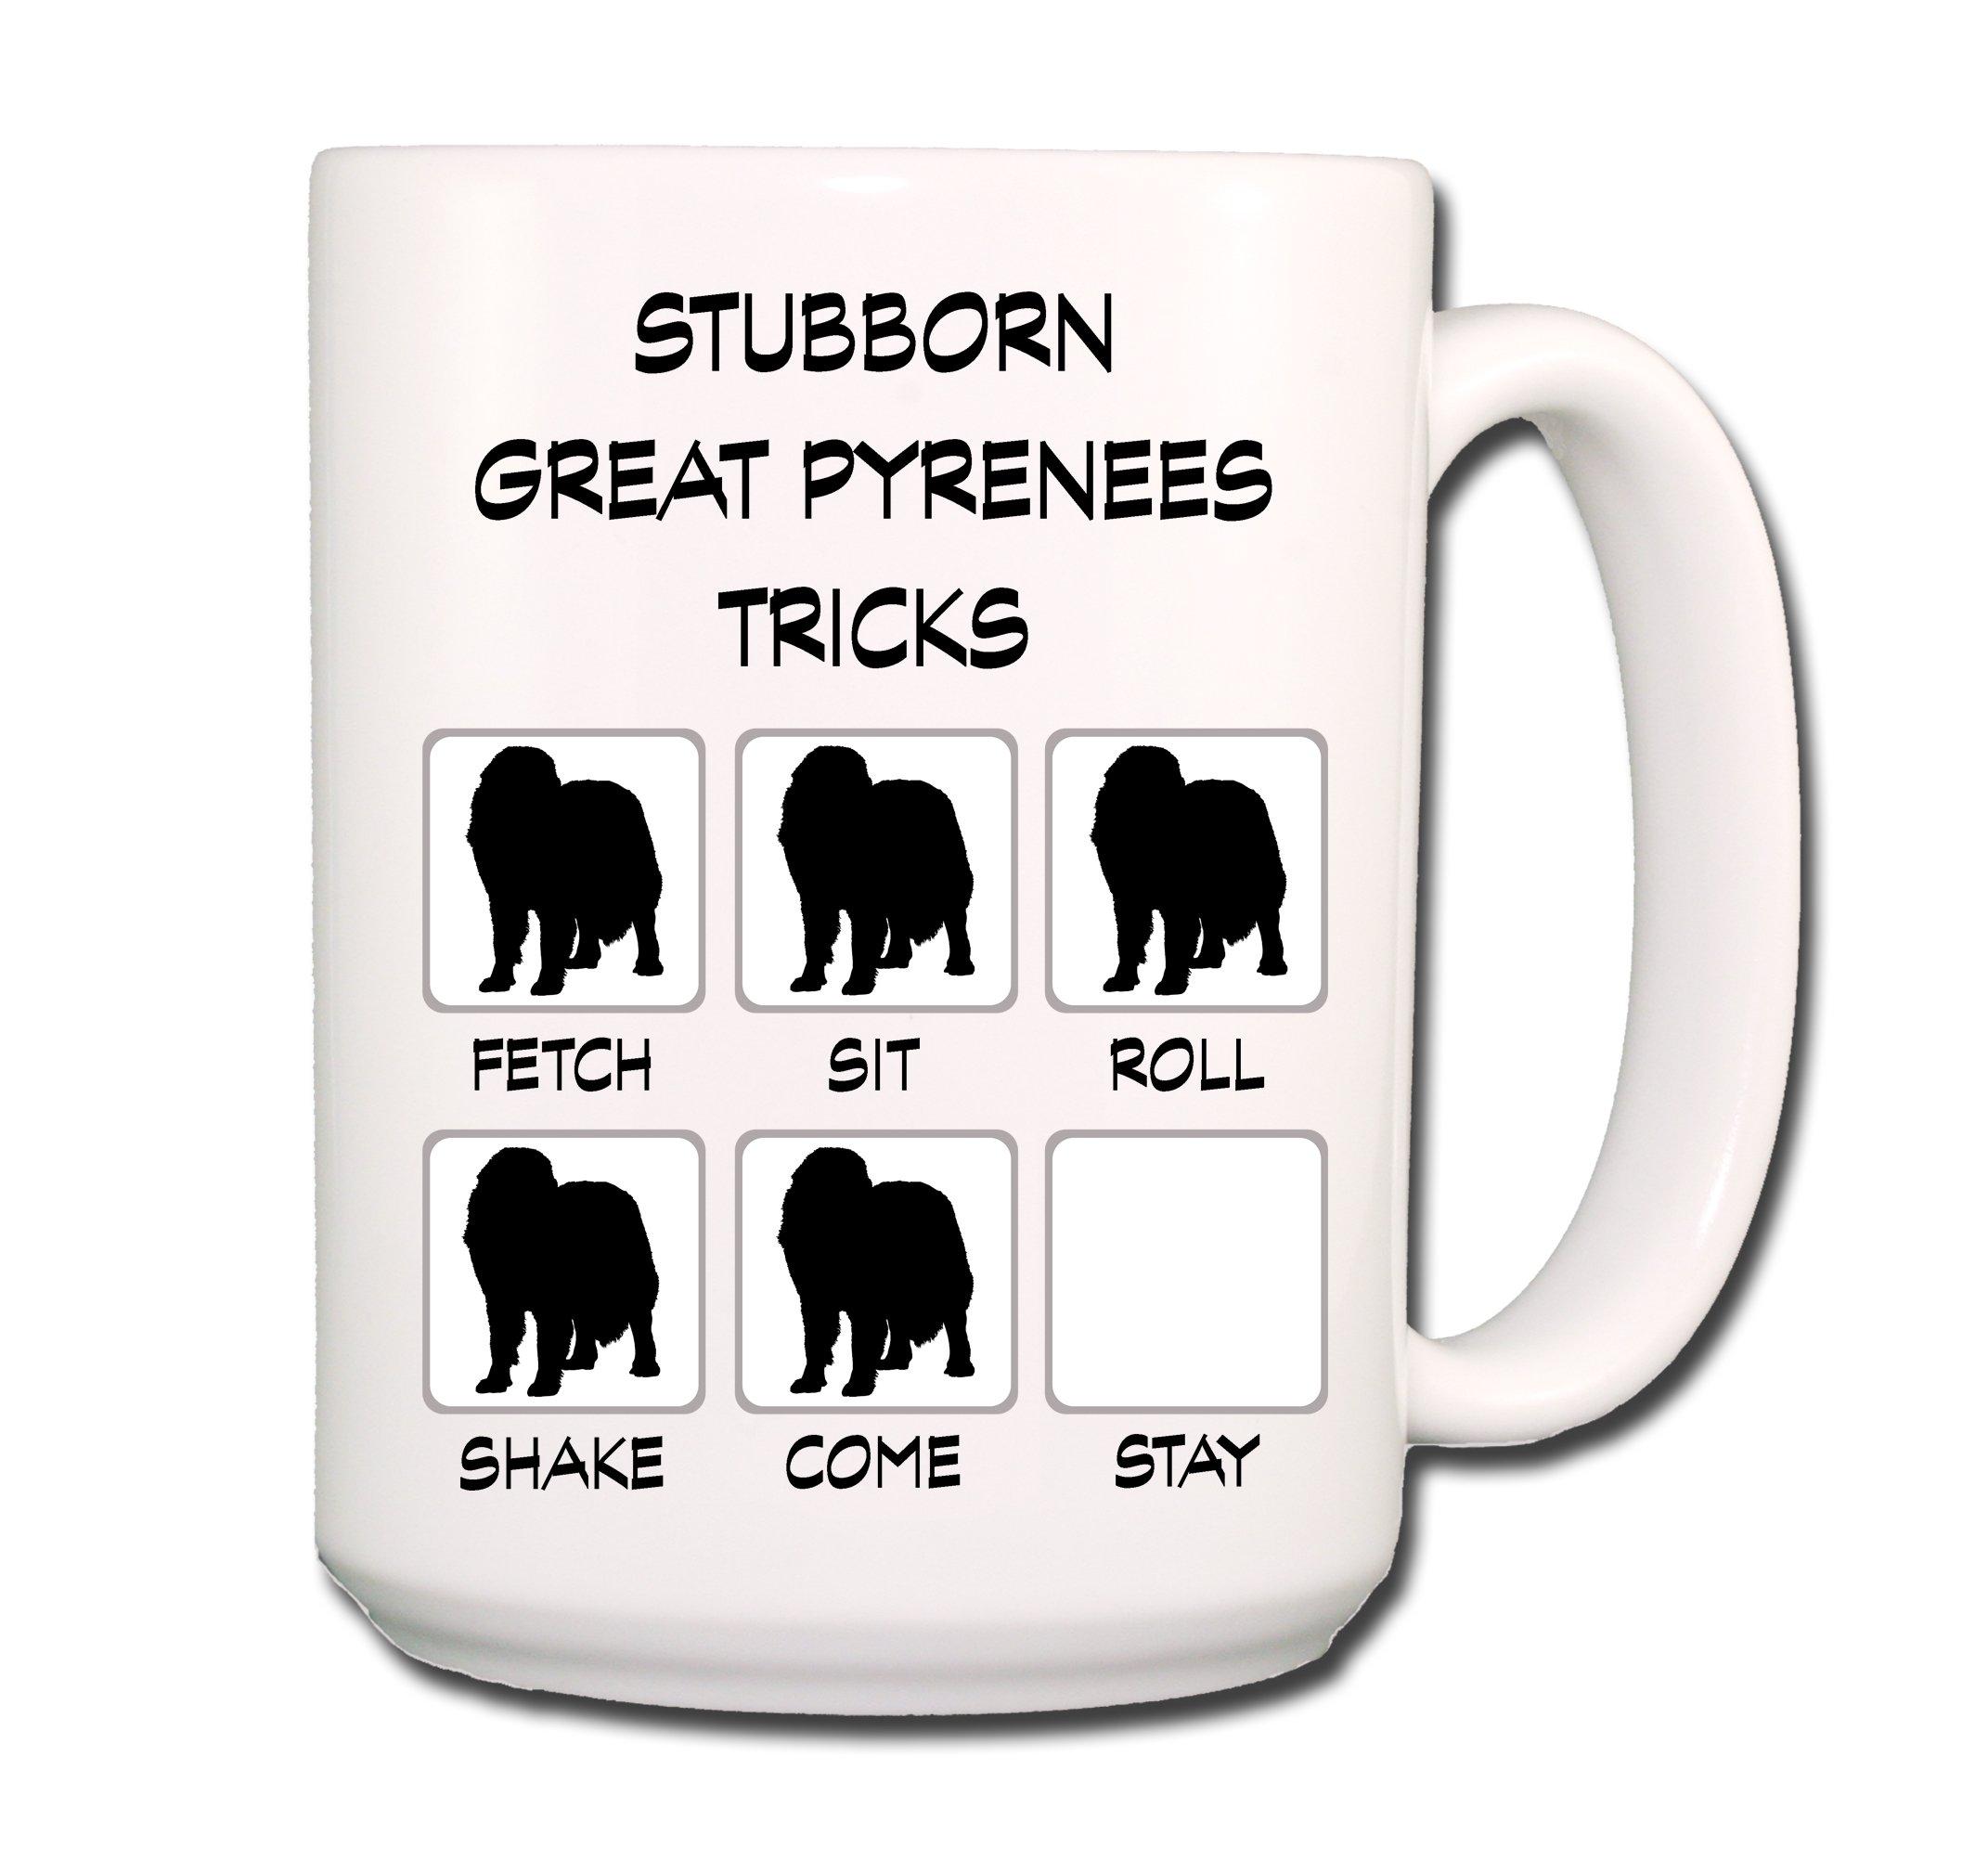 Great Pyrenees Stubborn Tricks Coffee Tea Mug 15 oz 1